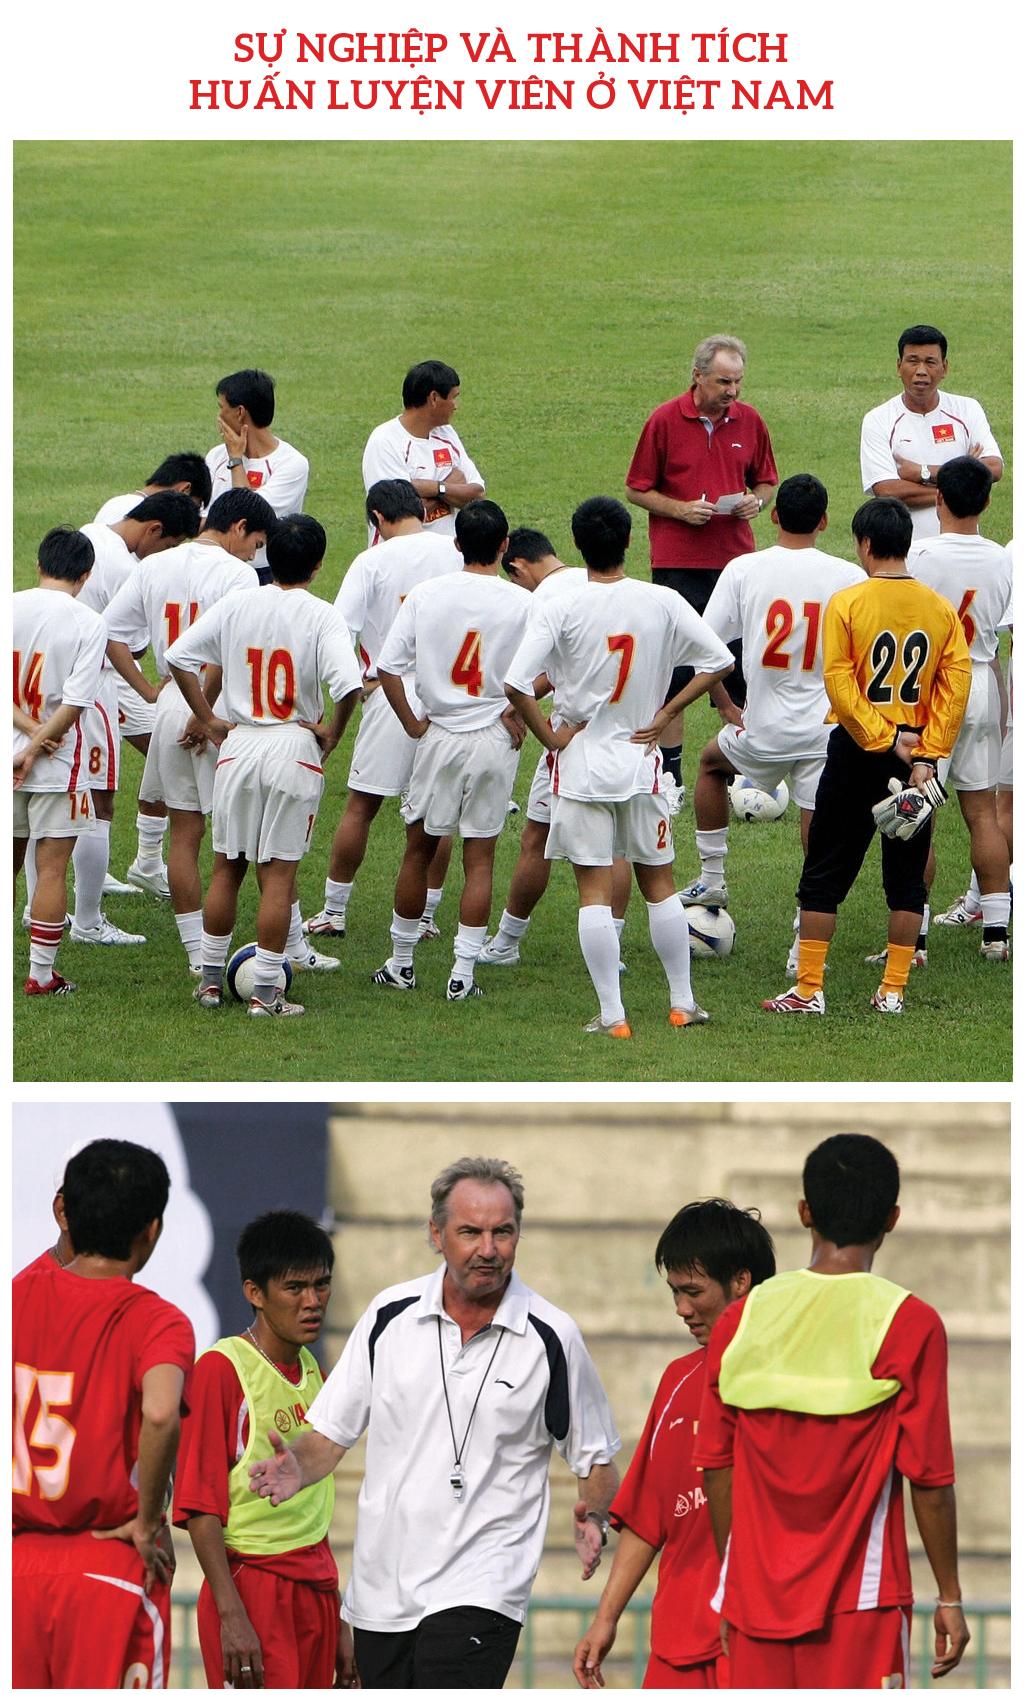 Hành trình 9 năm của ông Alfred Riedl với bóng đá Việt Nam ảnh 3